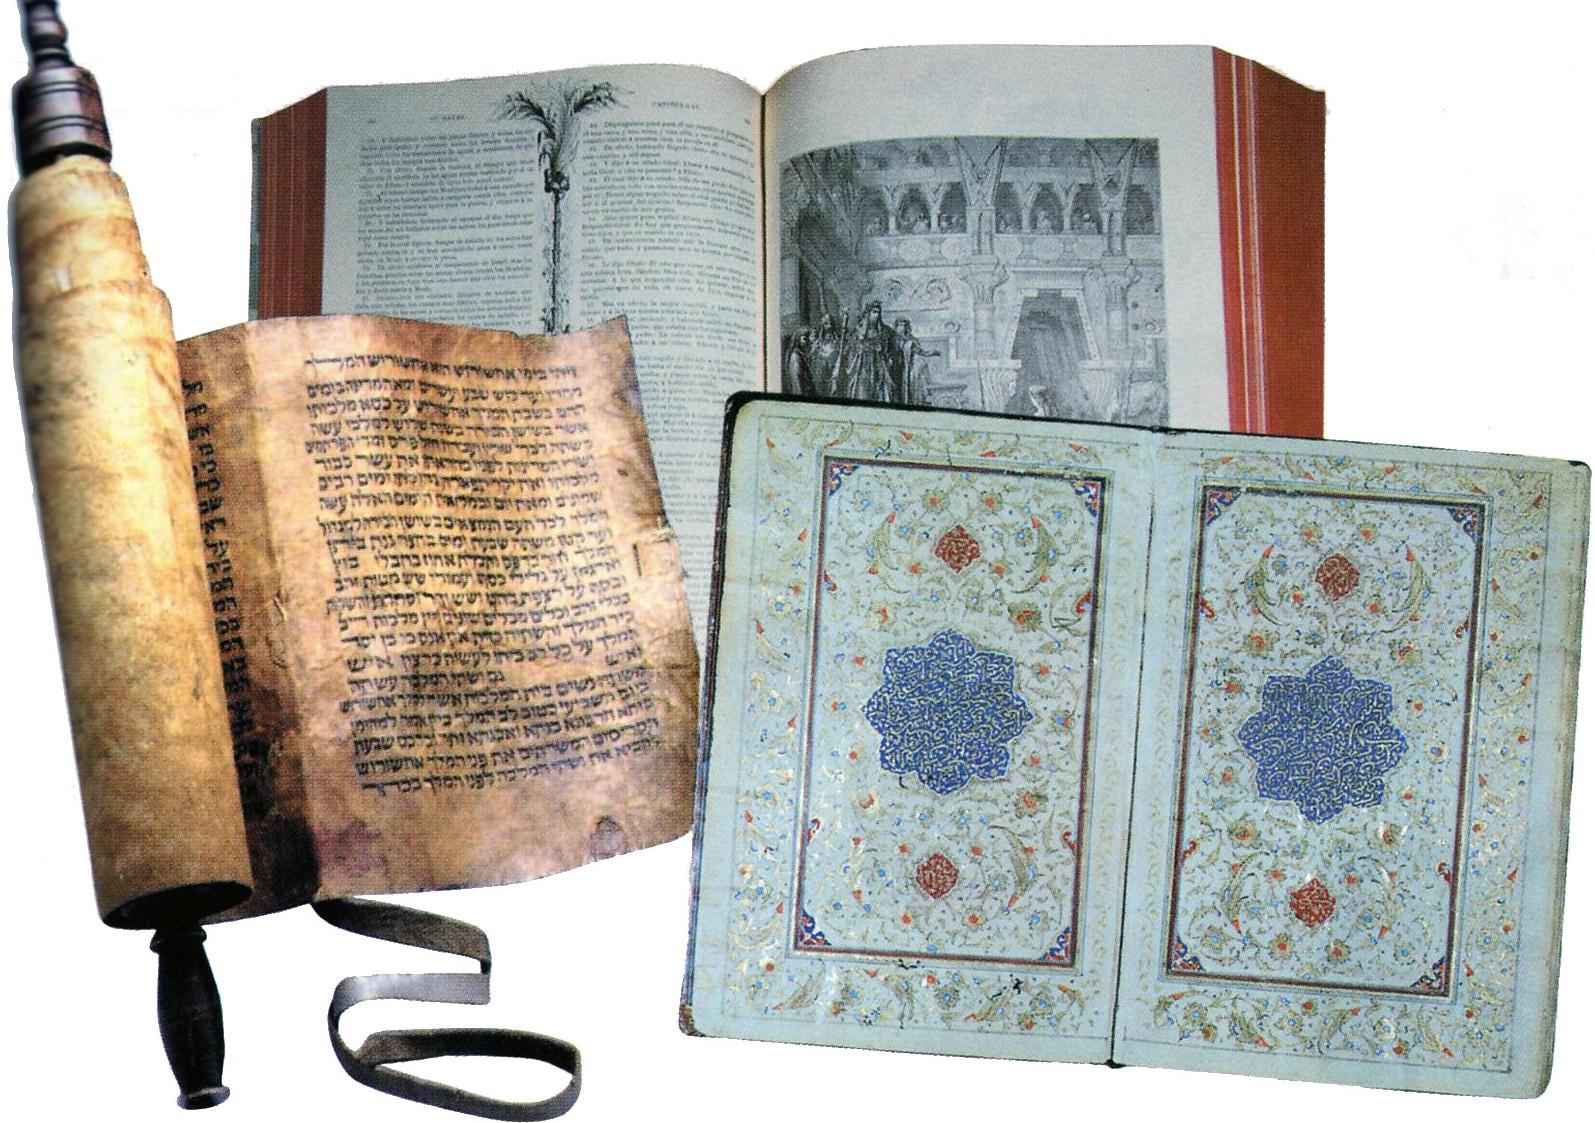 La biblia no es m s violenta que el cor n como sostiene - Que es el corian ...